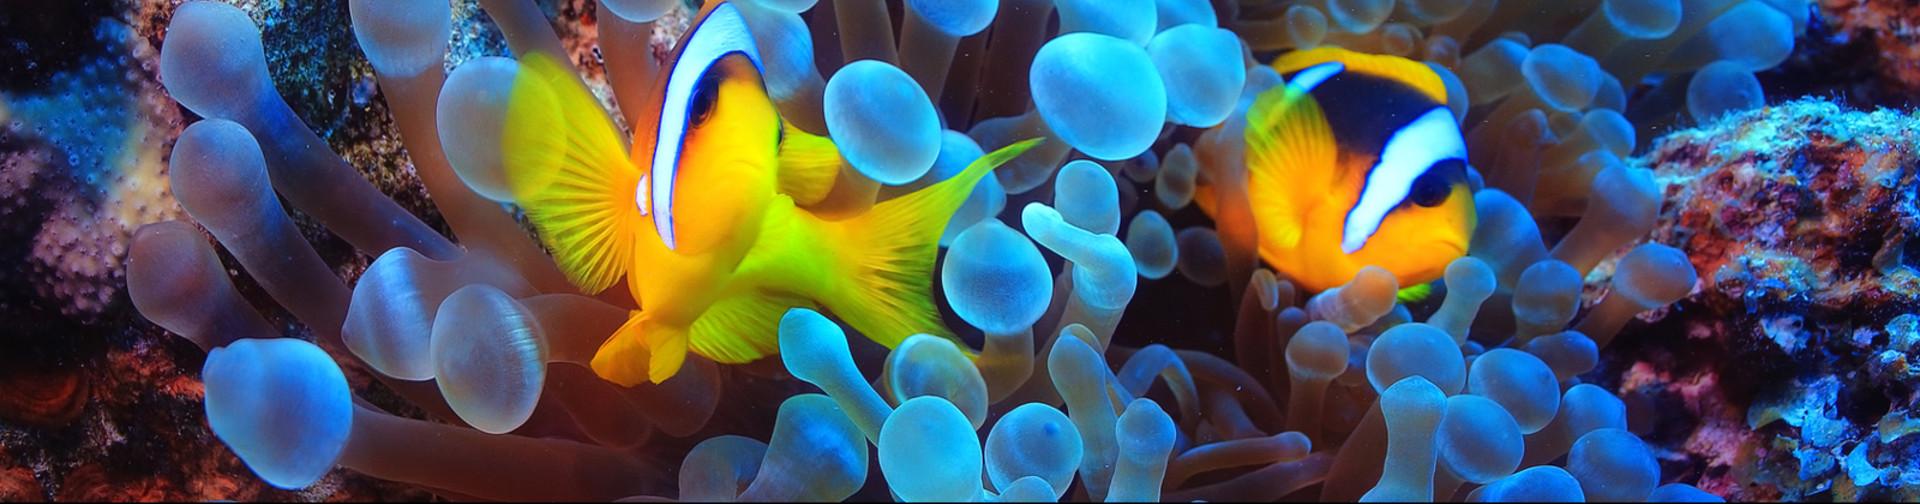 Akwarystyka morska szczecin 4